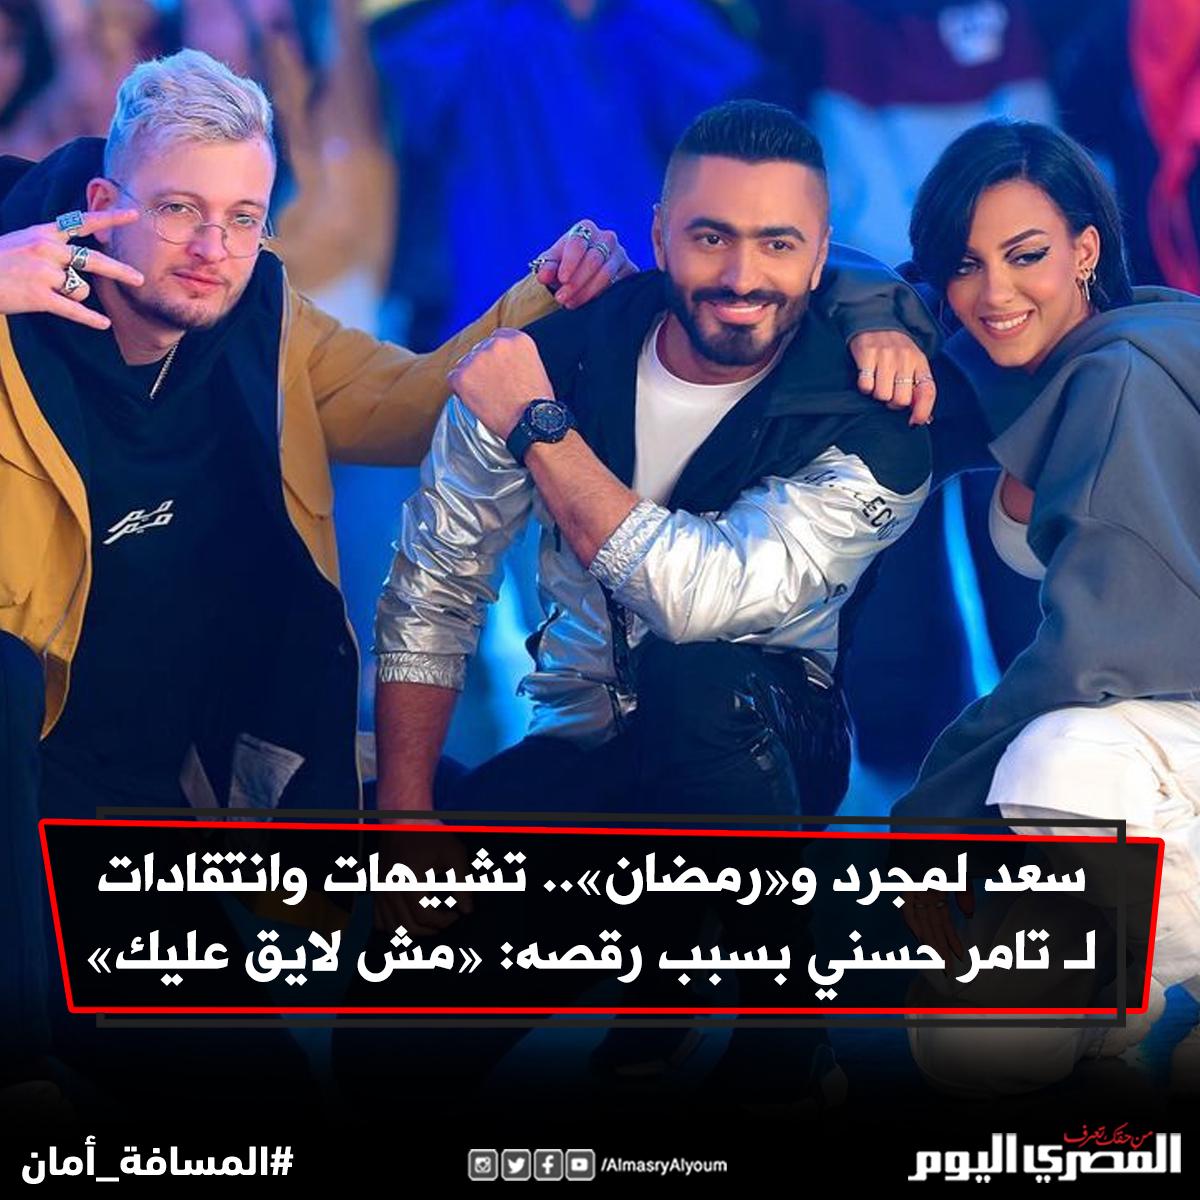 سعد لمجرد و«رمضان».. تشبيهات وانتقادات لـ تامر حسني بسبب رقصه «مش لايق عليك»